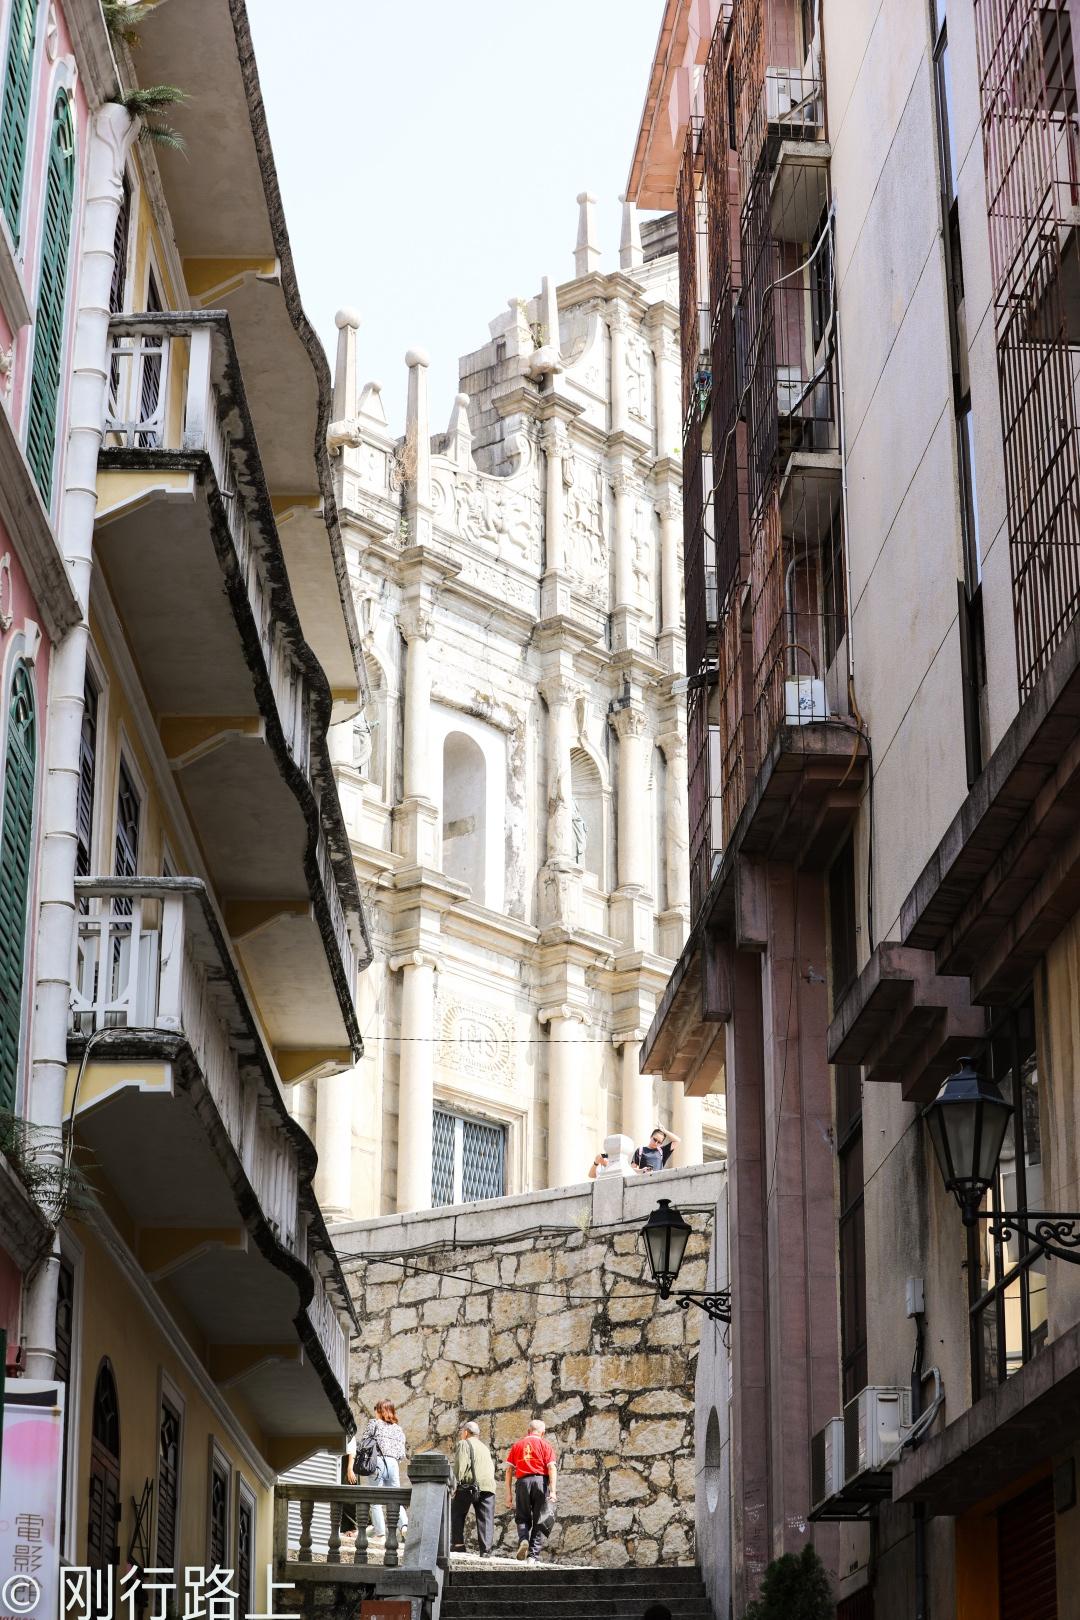 澳門這個巷子里電影《伊麗莎白》在此取景,據稱這是最浪漫的地方